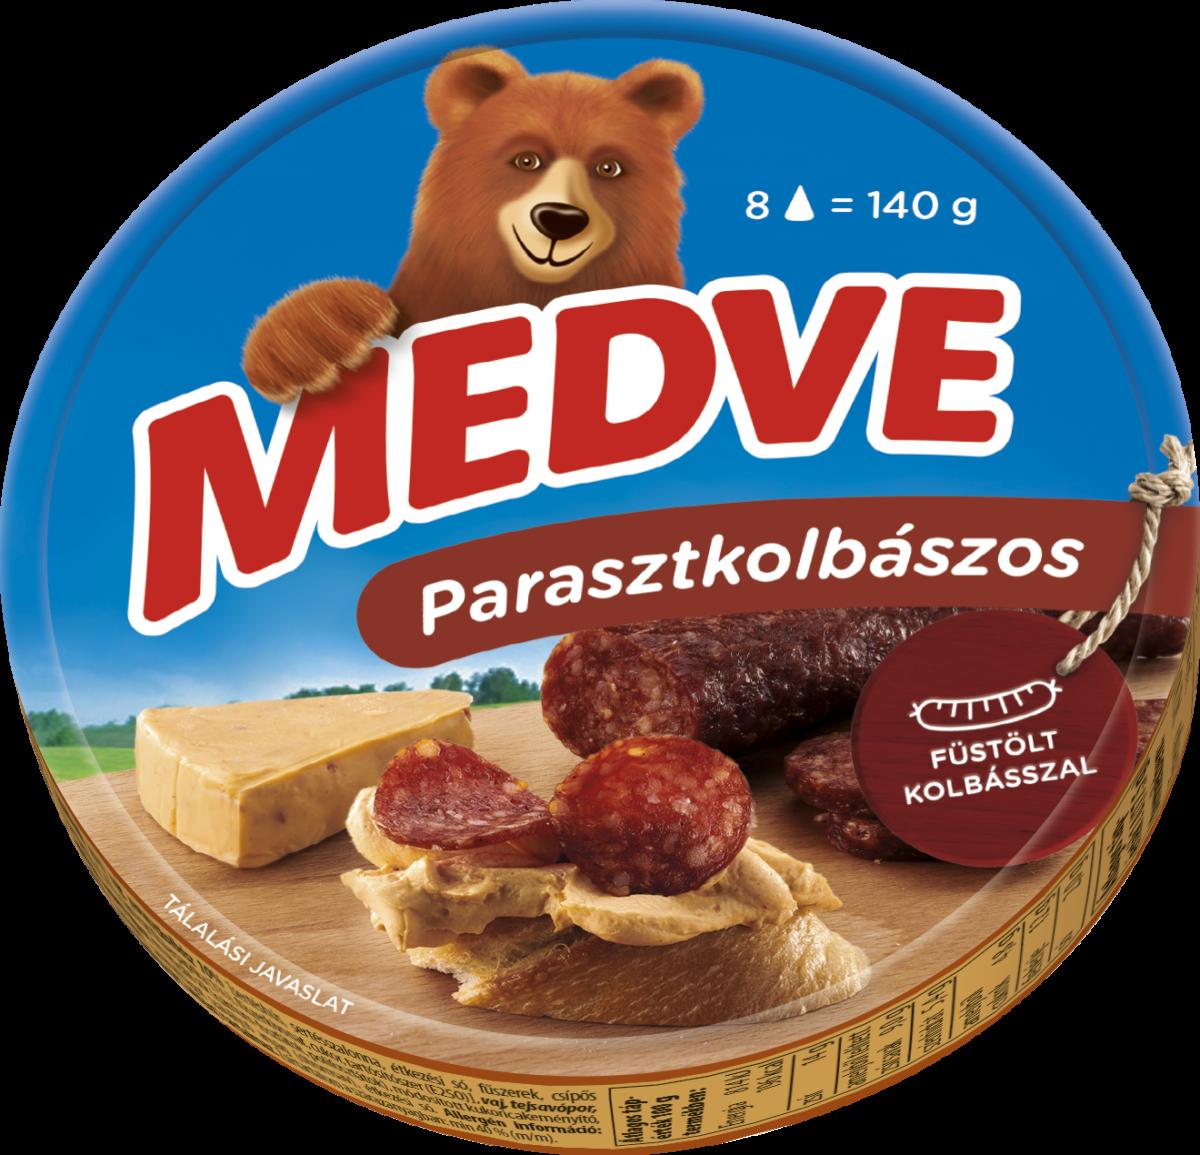 Medve parasztkolbászos kördobozos kockasajt 140g